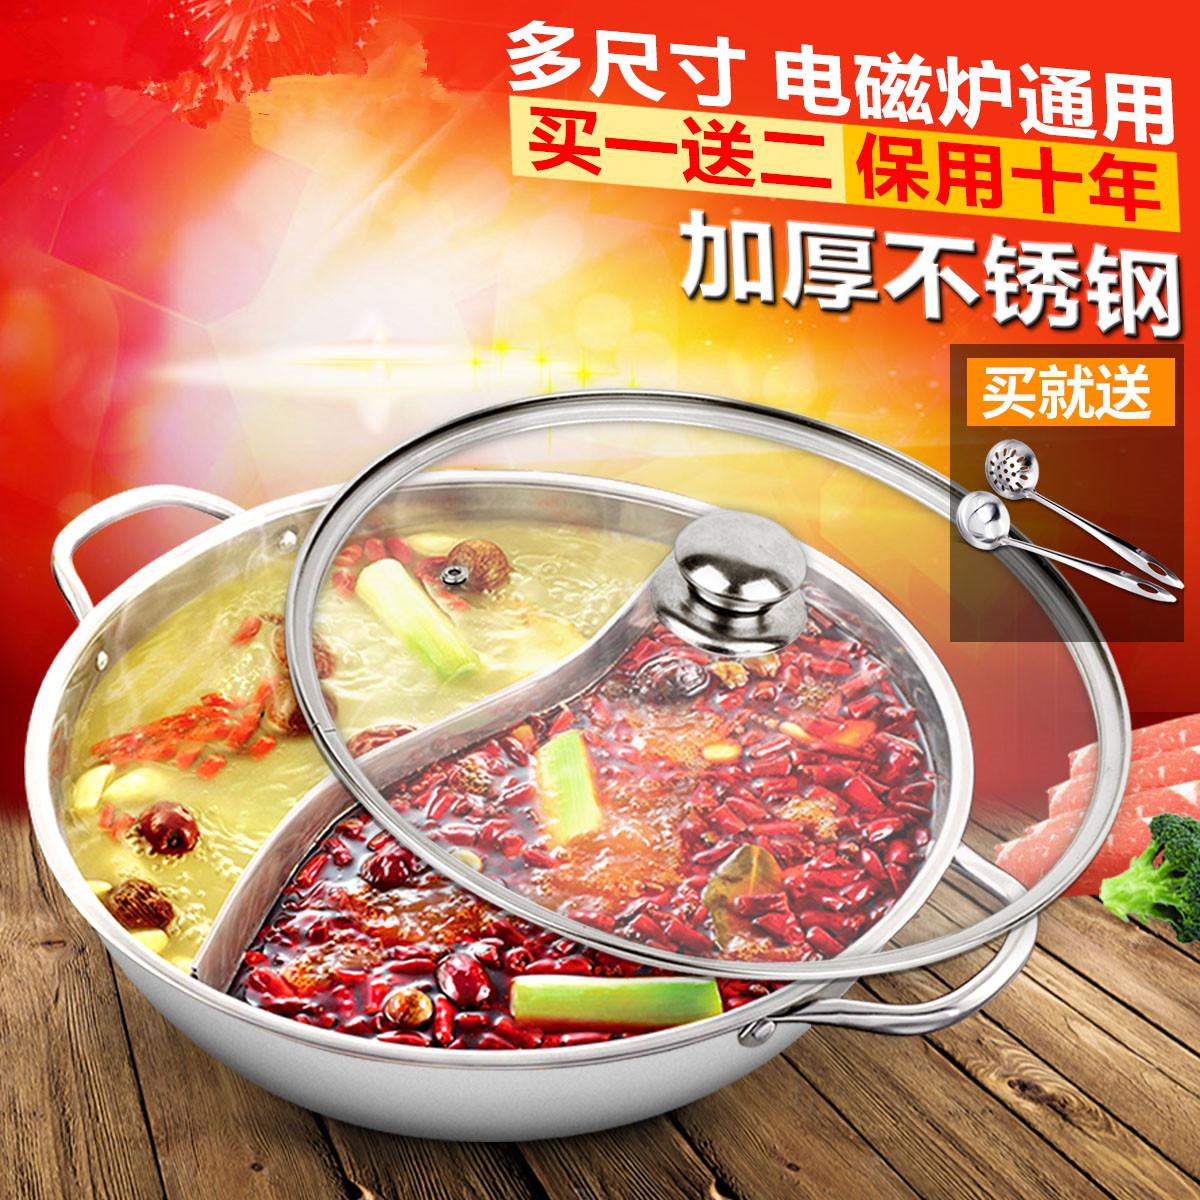 dubbla praktiskt köttgryta hand runt bäcken för värmare för elektromagnetisk. köttgryta med en potta pan pan.